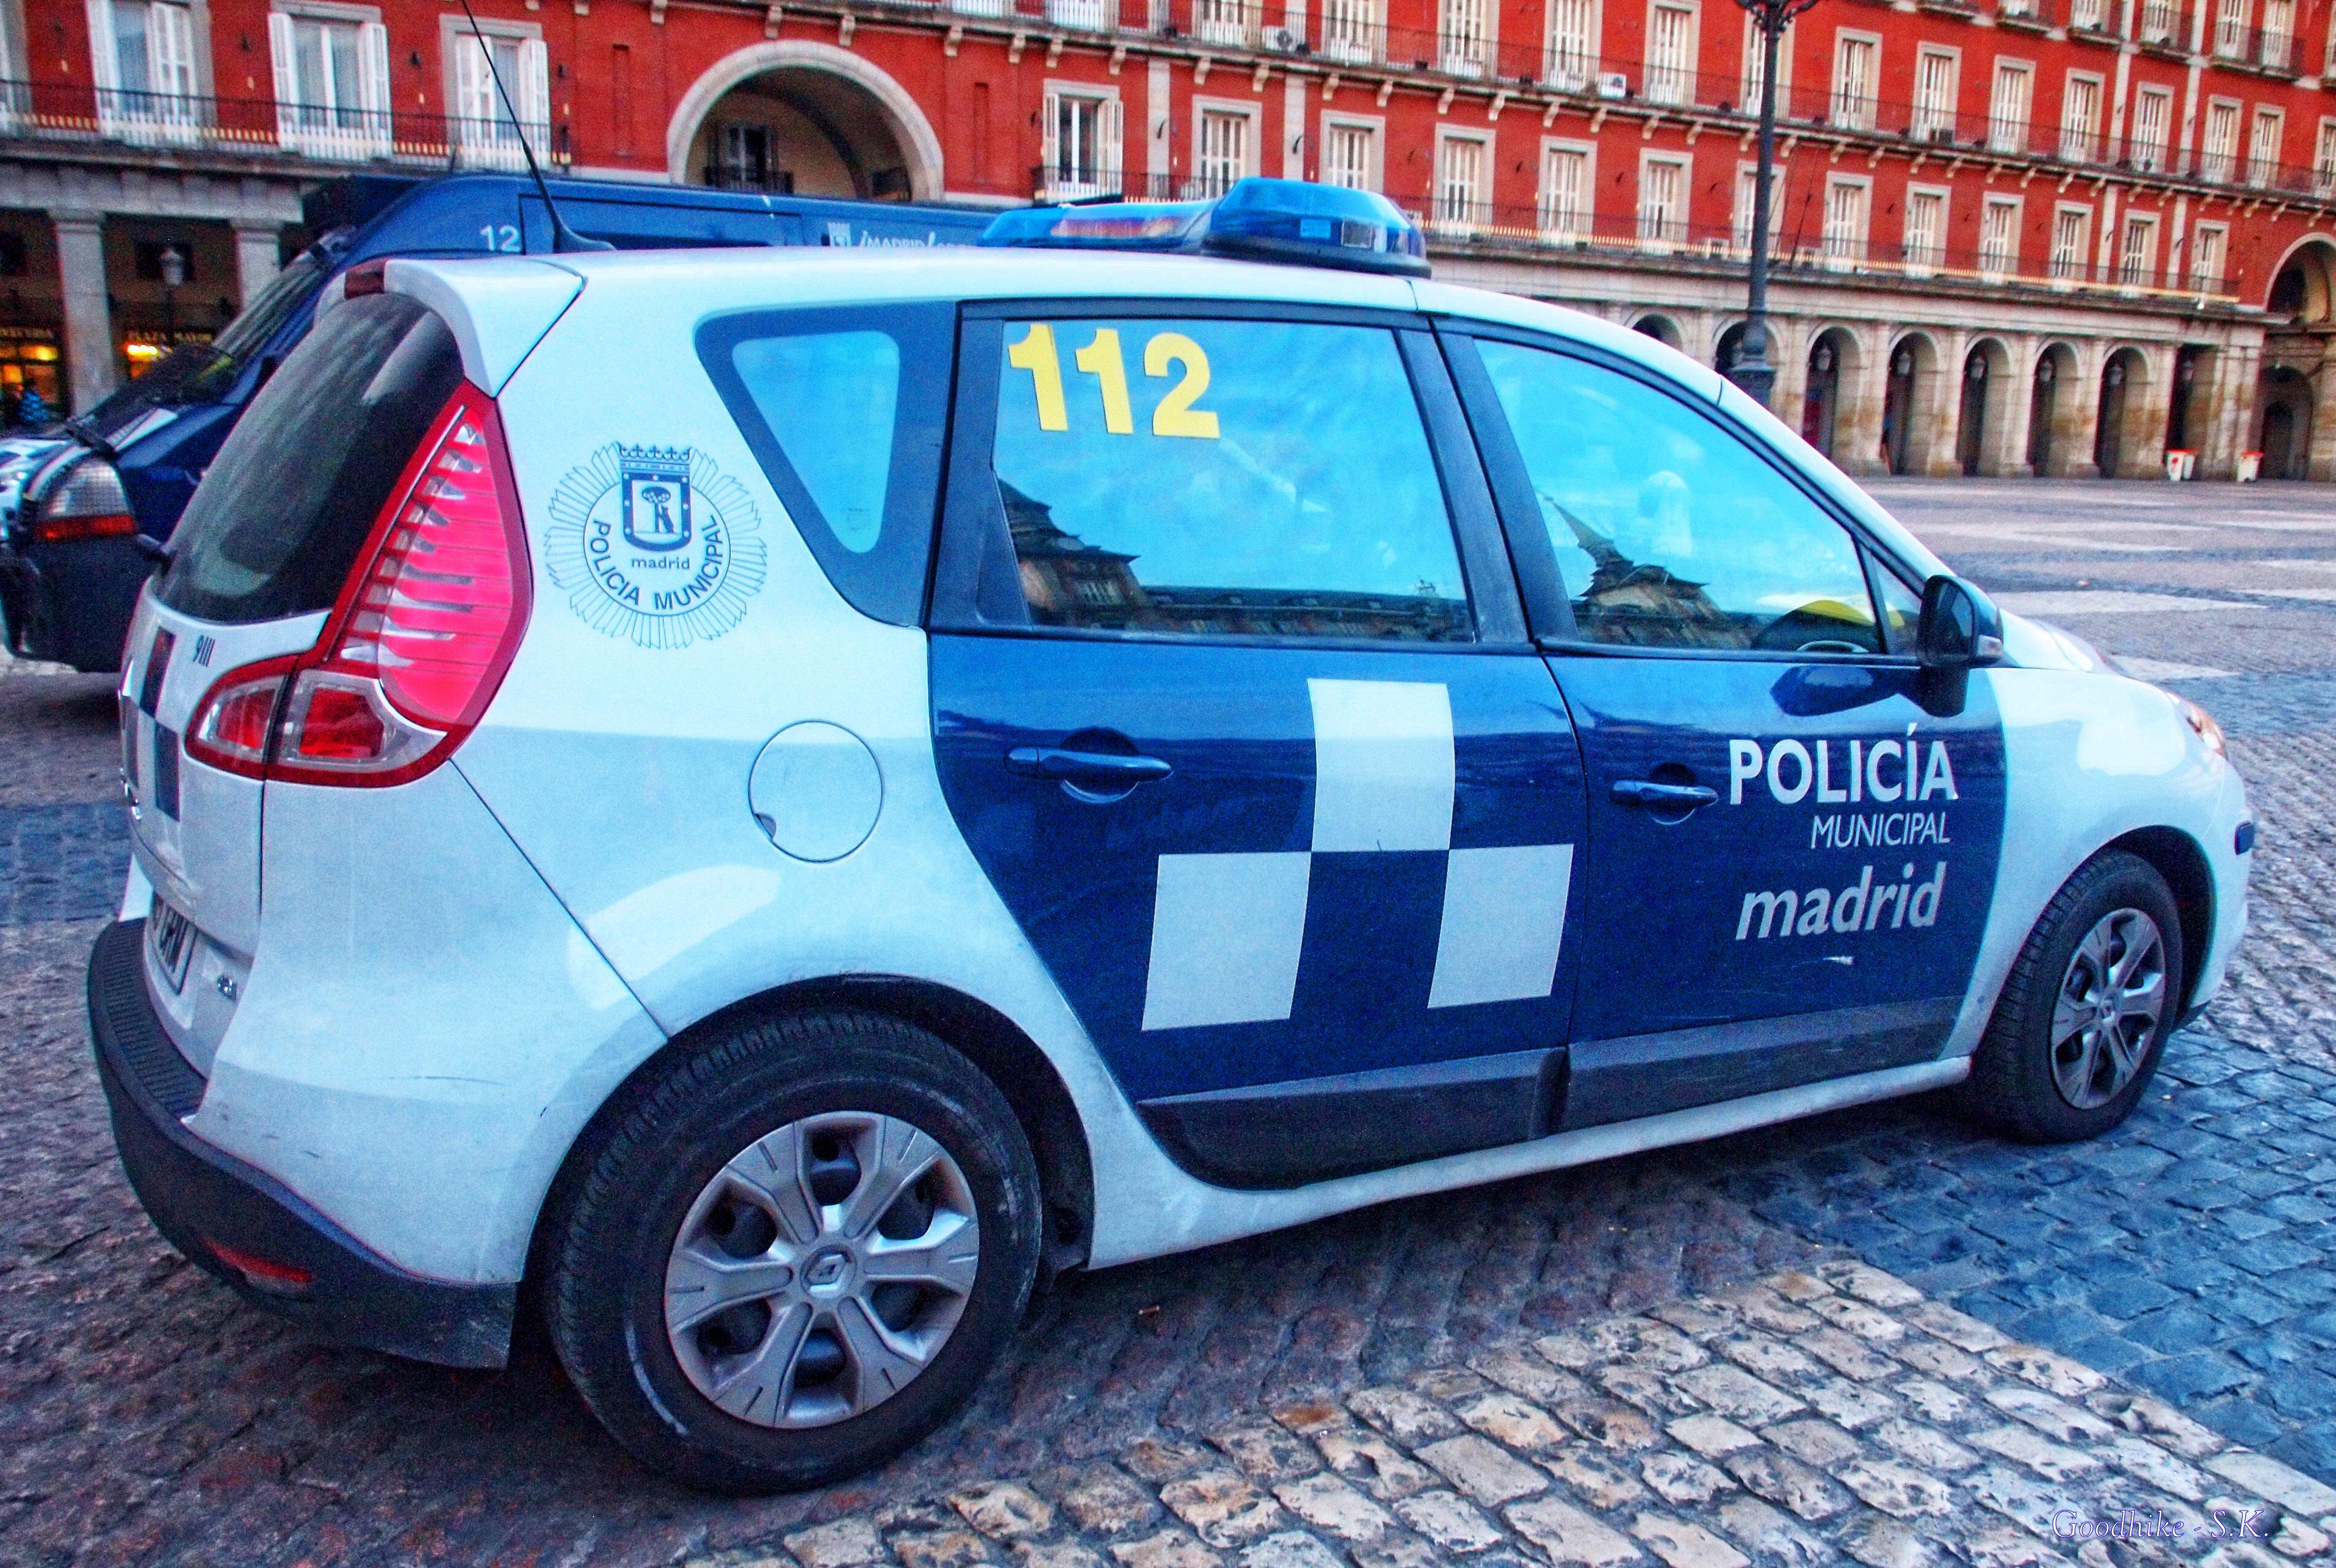 Police Car in Madrid, Spain